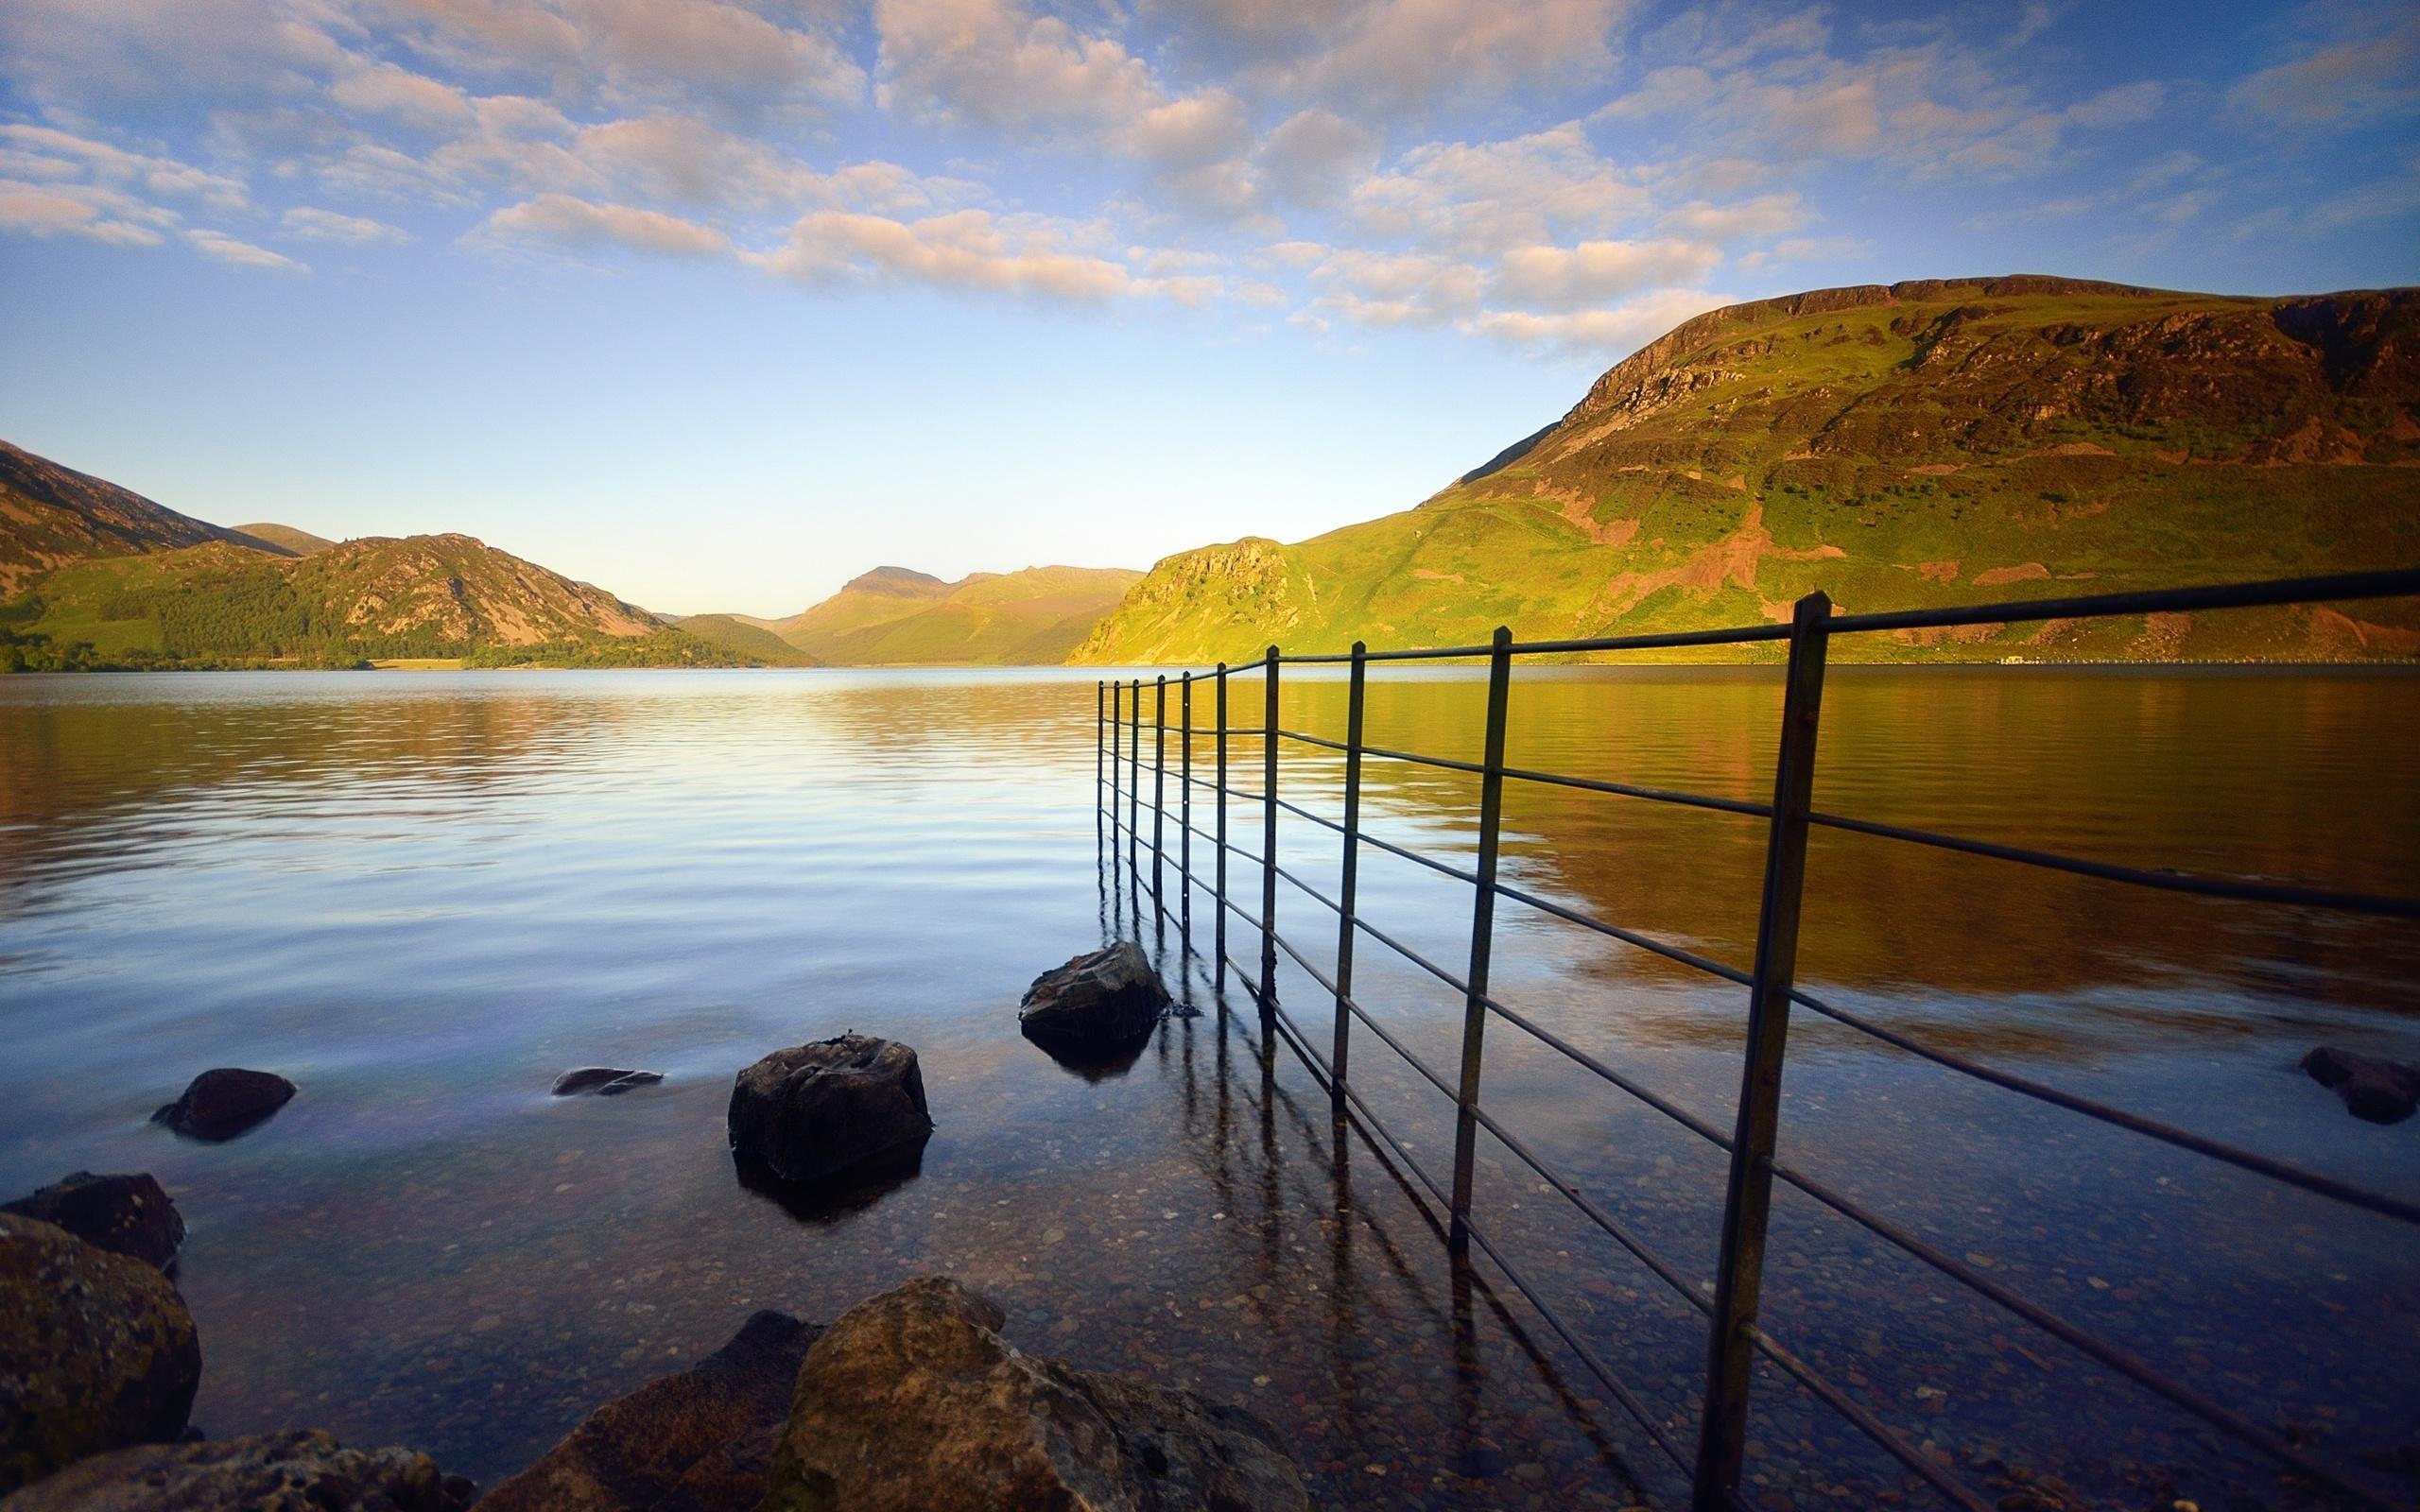 берег, камни, ограда